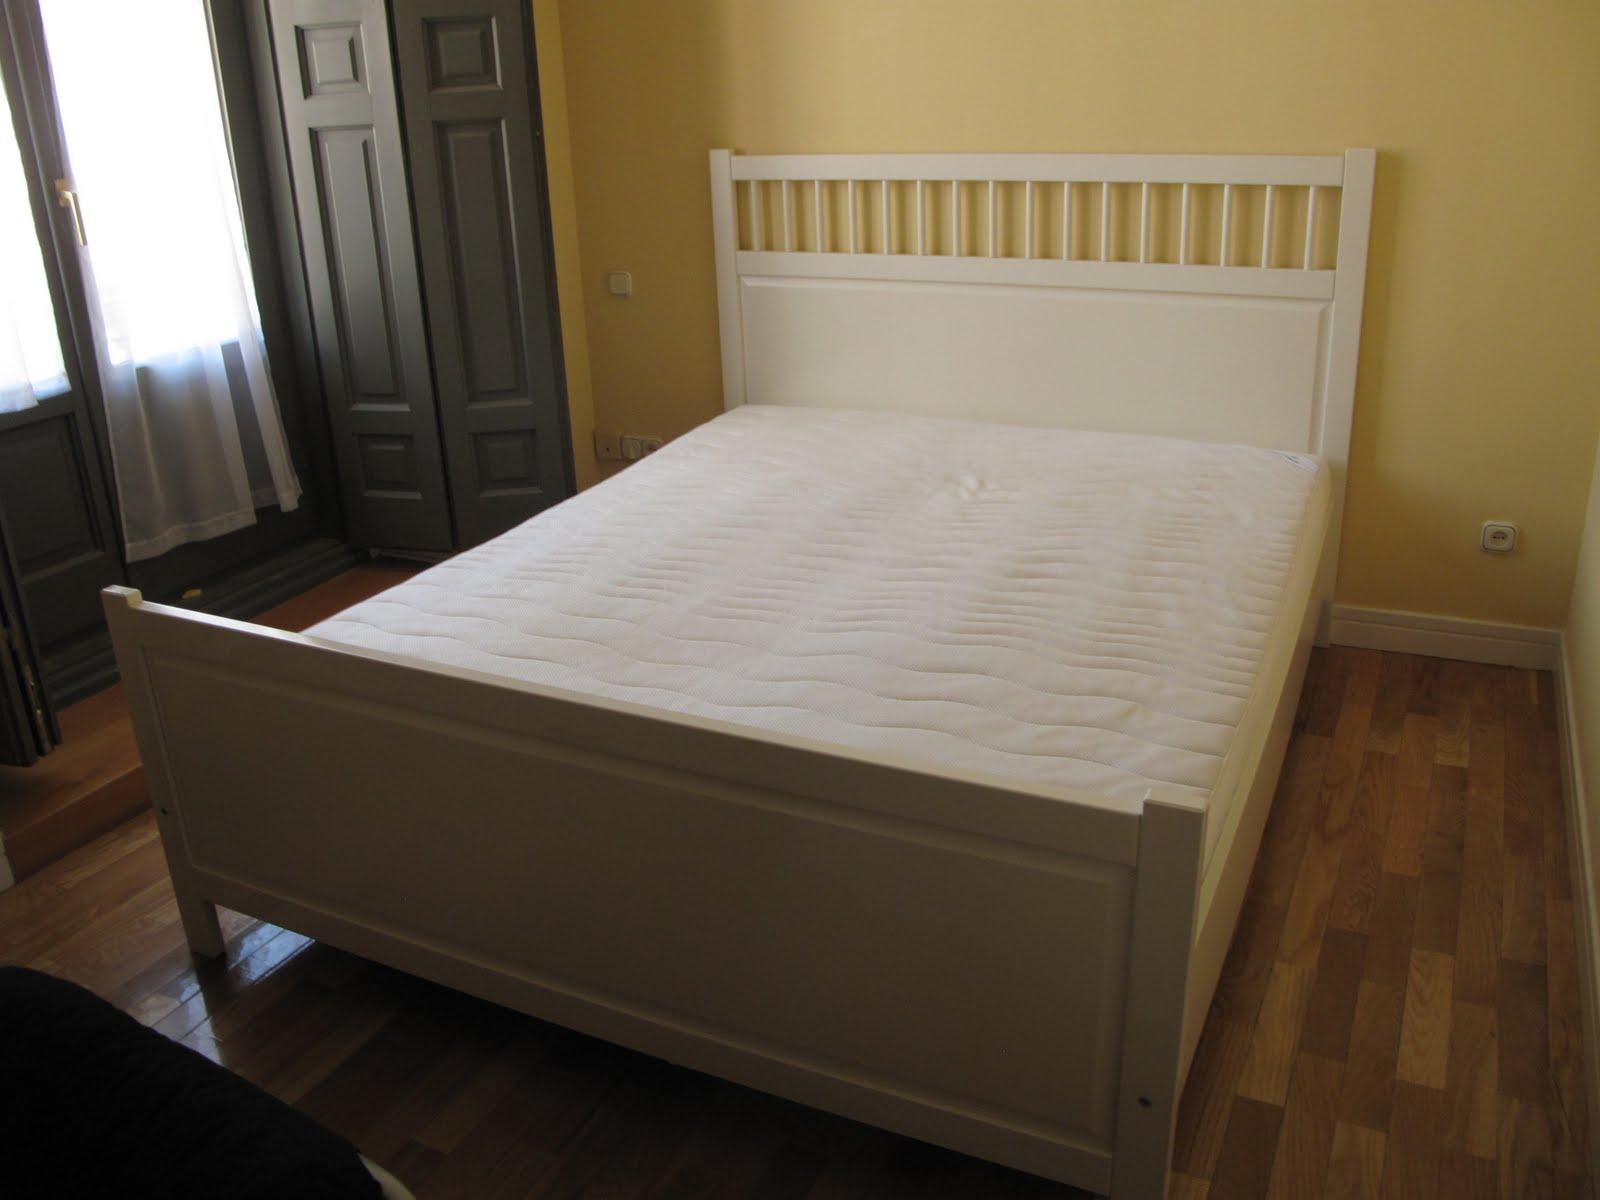 Venta De Muebles En Madrid Cama Doble